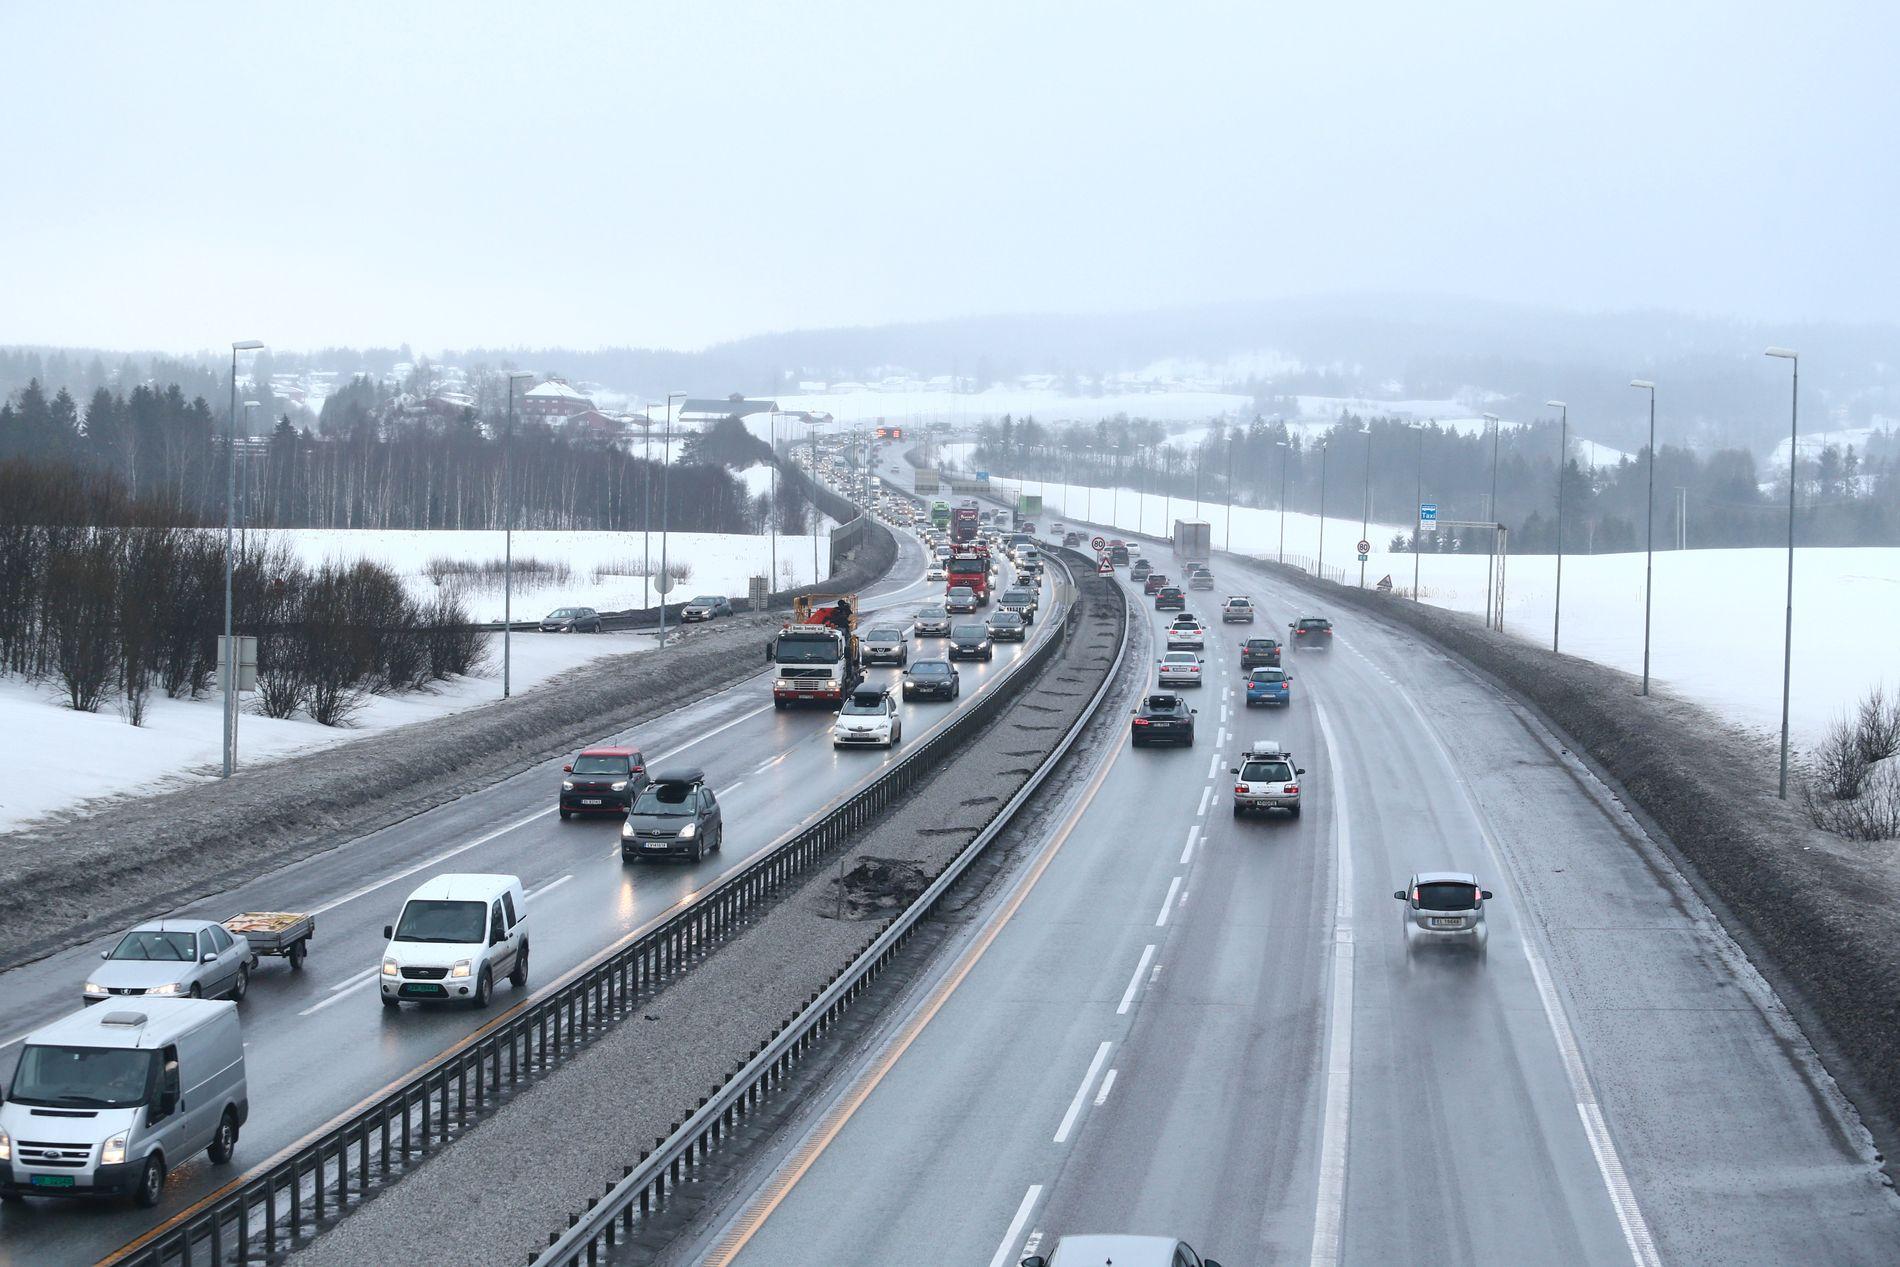 MER FIREFELTS: Statens vegvesen gir grønt lys for flere og smalere motorveier med en fartsgrense på 110 kilometer i timen. Her er E6 ut av Oslo.